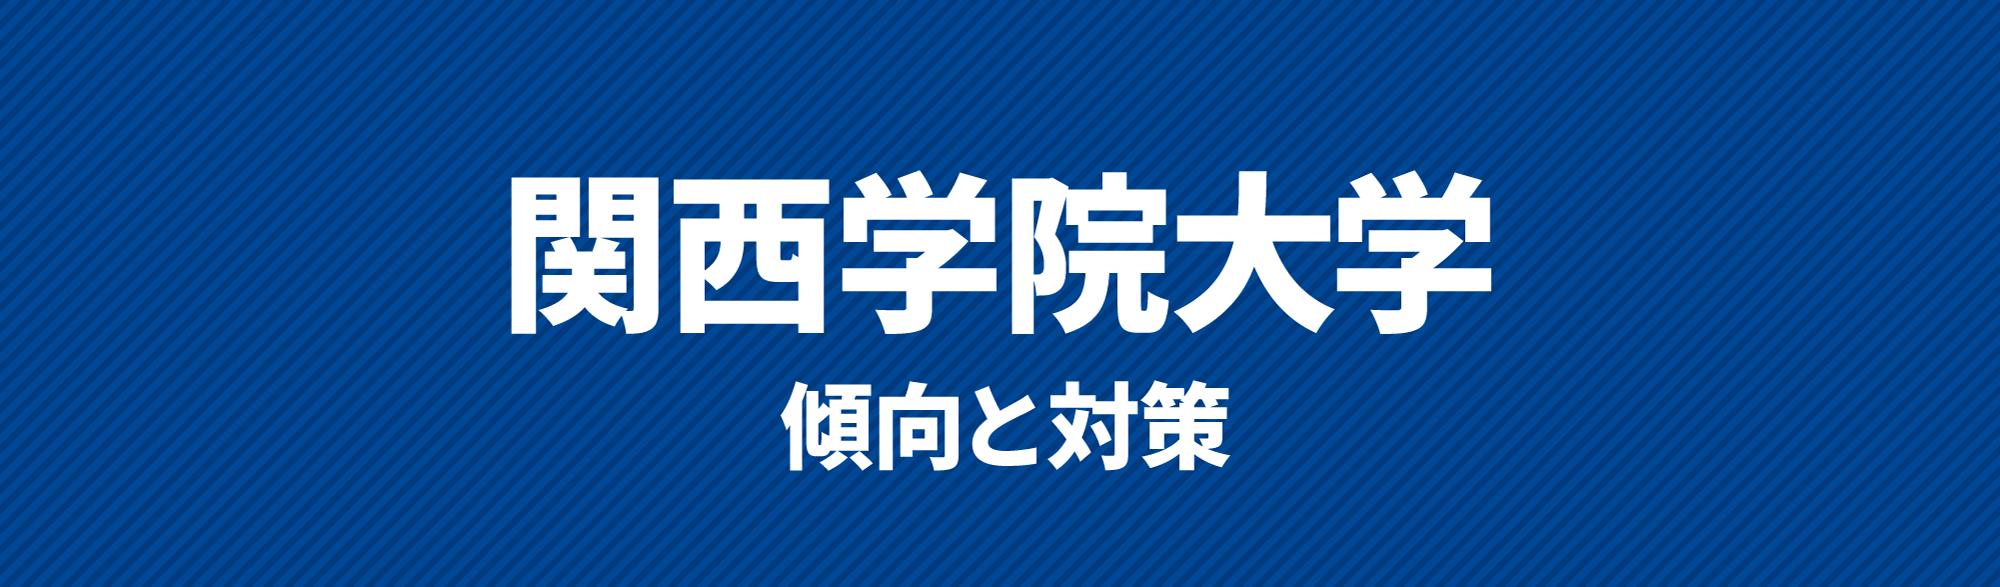 関西学院大学傾向と対策